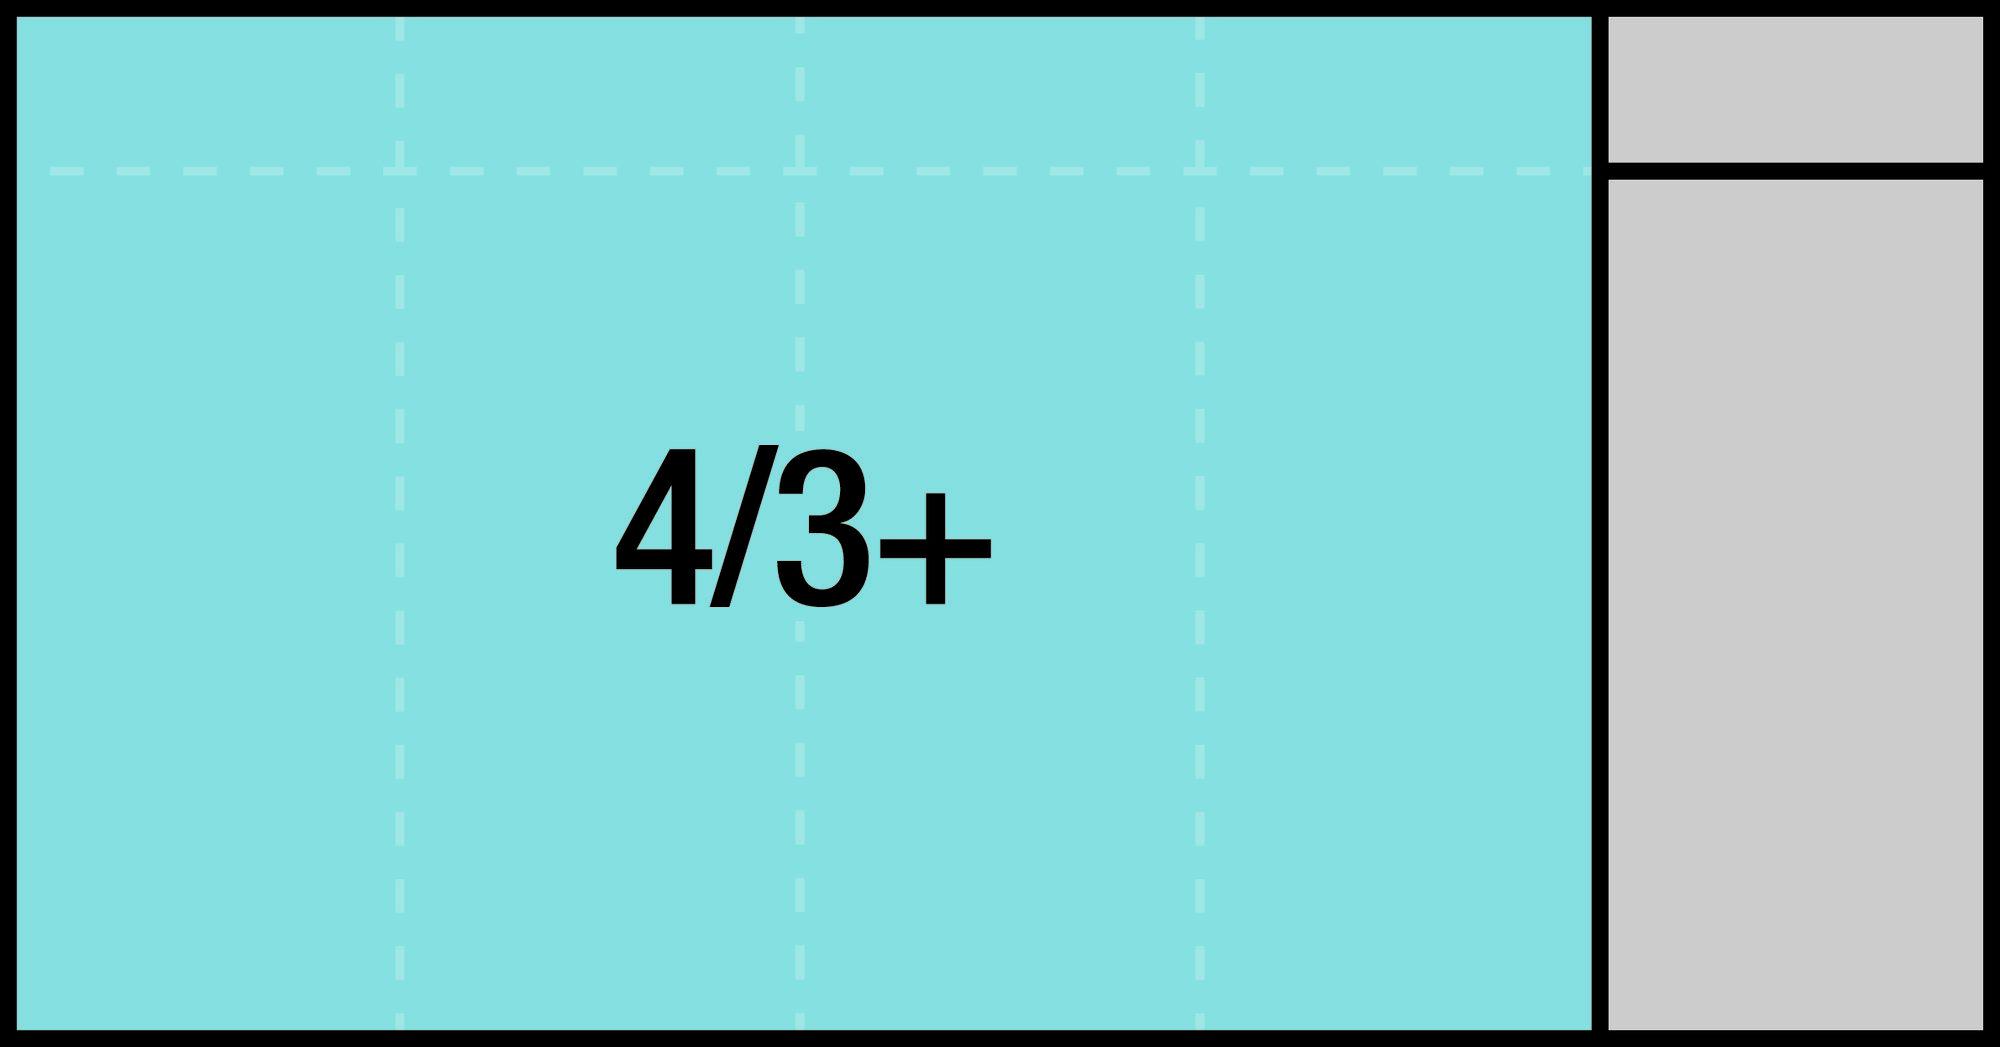 HAZET Schraubenschlüssel Satz 163-507/45 ∙ Außen-Doppel-Sechskant-Tractionsprofil, Außen-Sechskant Profil ∙ 6–24